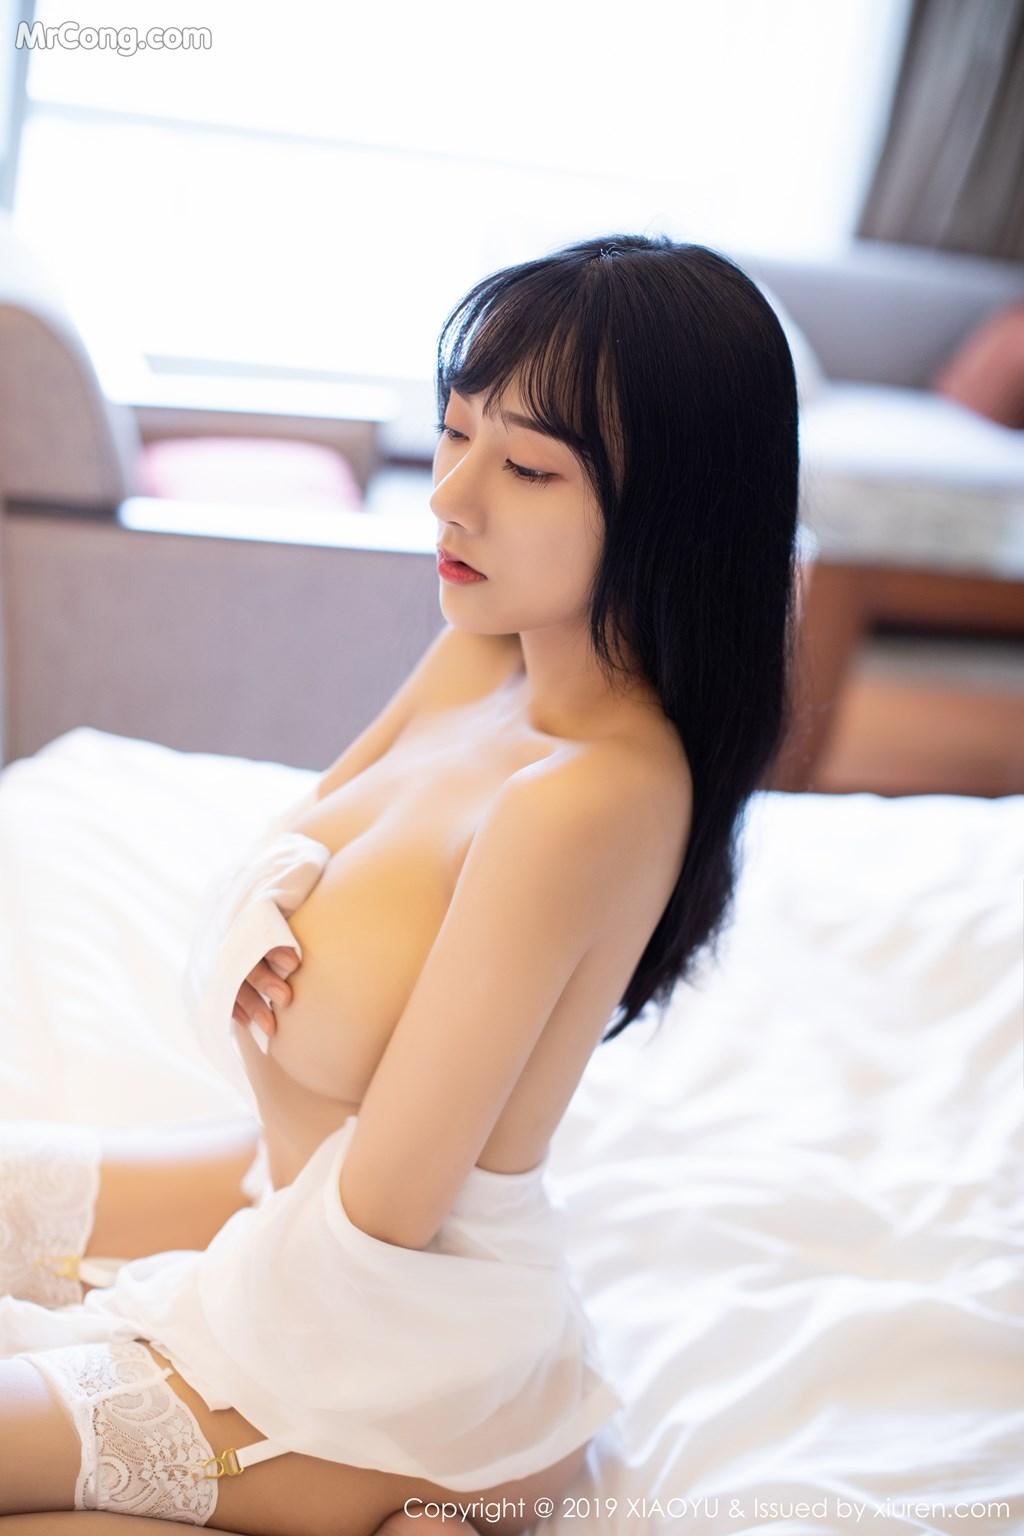 Image XiaoYu-Vol.076-He-Jia-Ying-MrCong.com-068 in post XiaoYu Vol.076: He Jia Ying (何嘉颖) (72 ảnh)